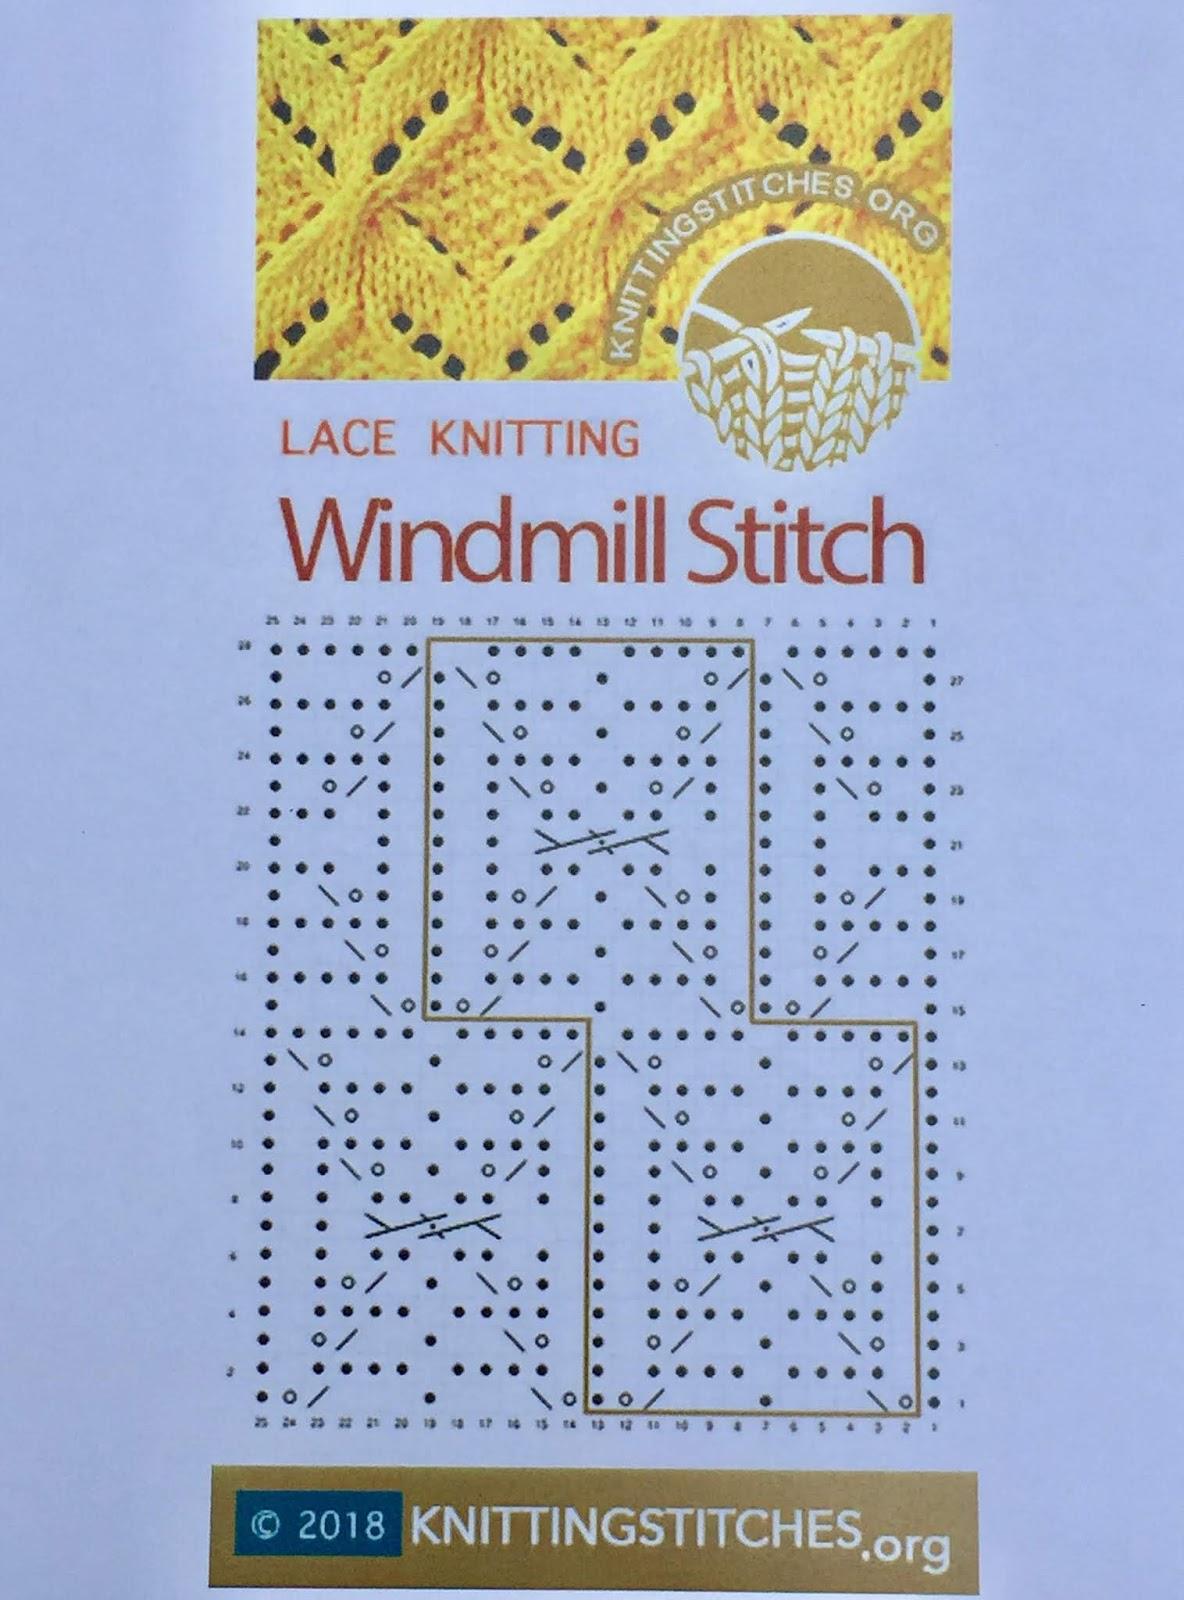 Knitting Stitches 2018 - Windmill Lace Pattern